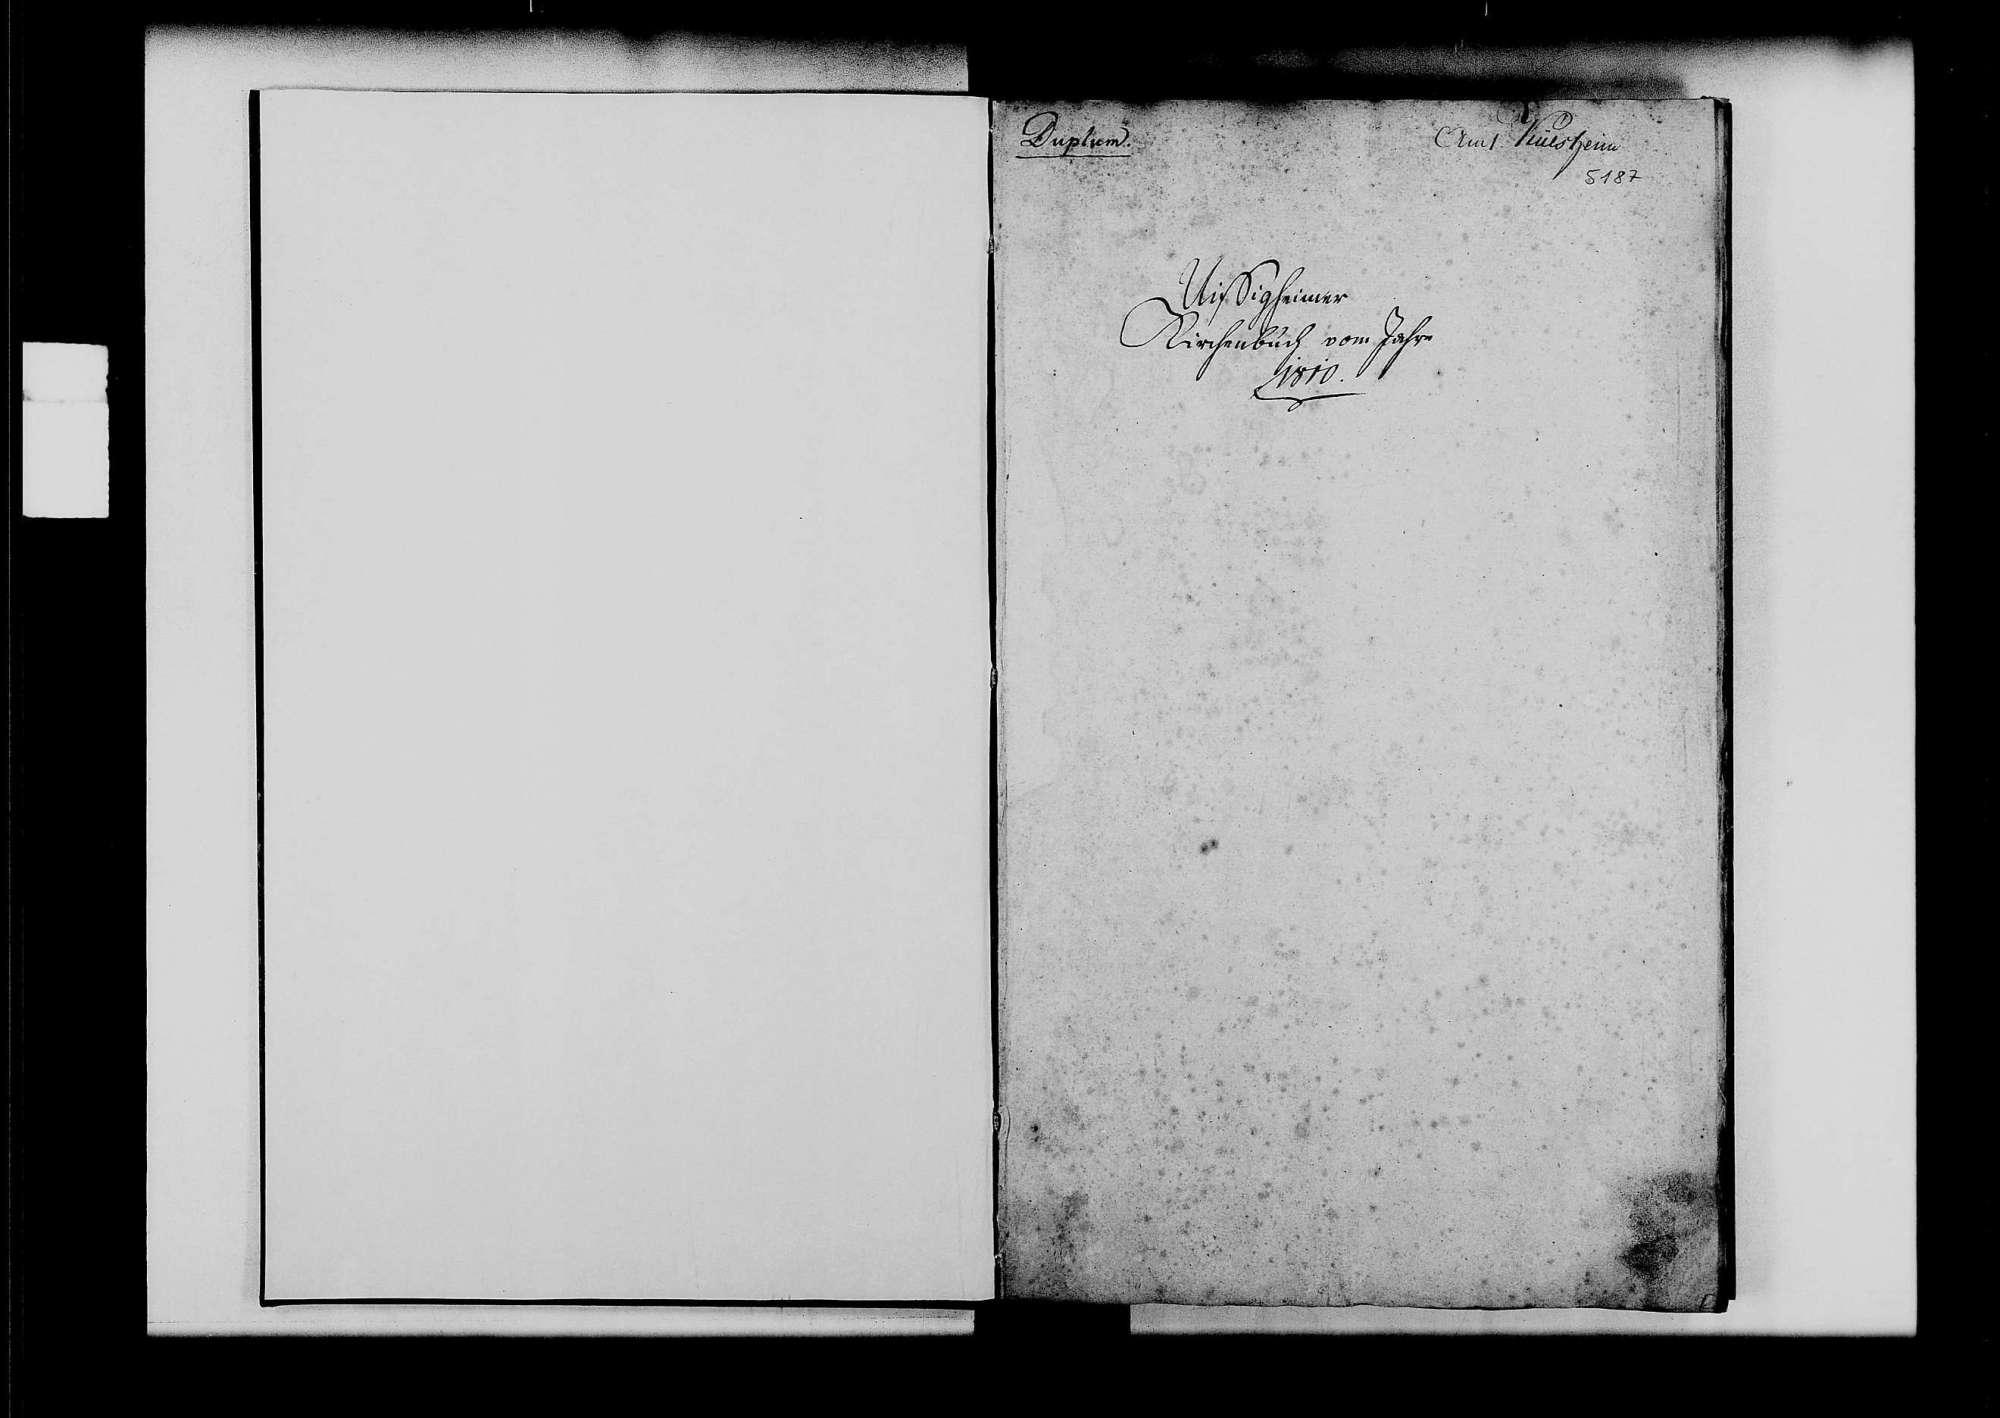 Uissigheim, katholische Gemeinde: Standesbuch 1810-1819, Bild 2